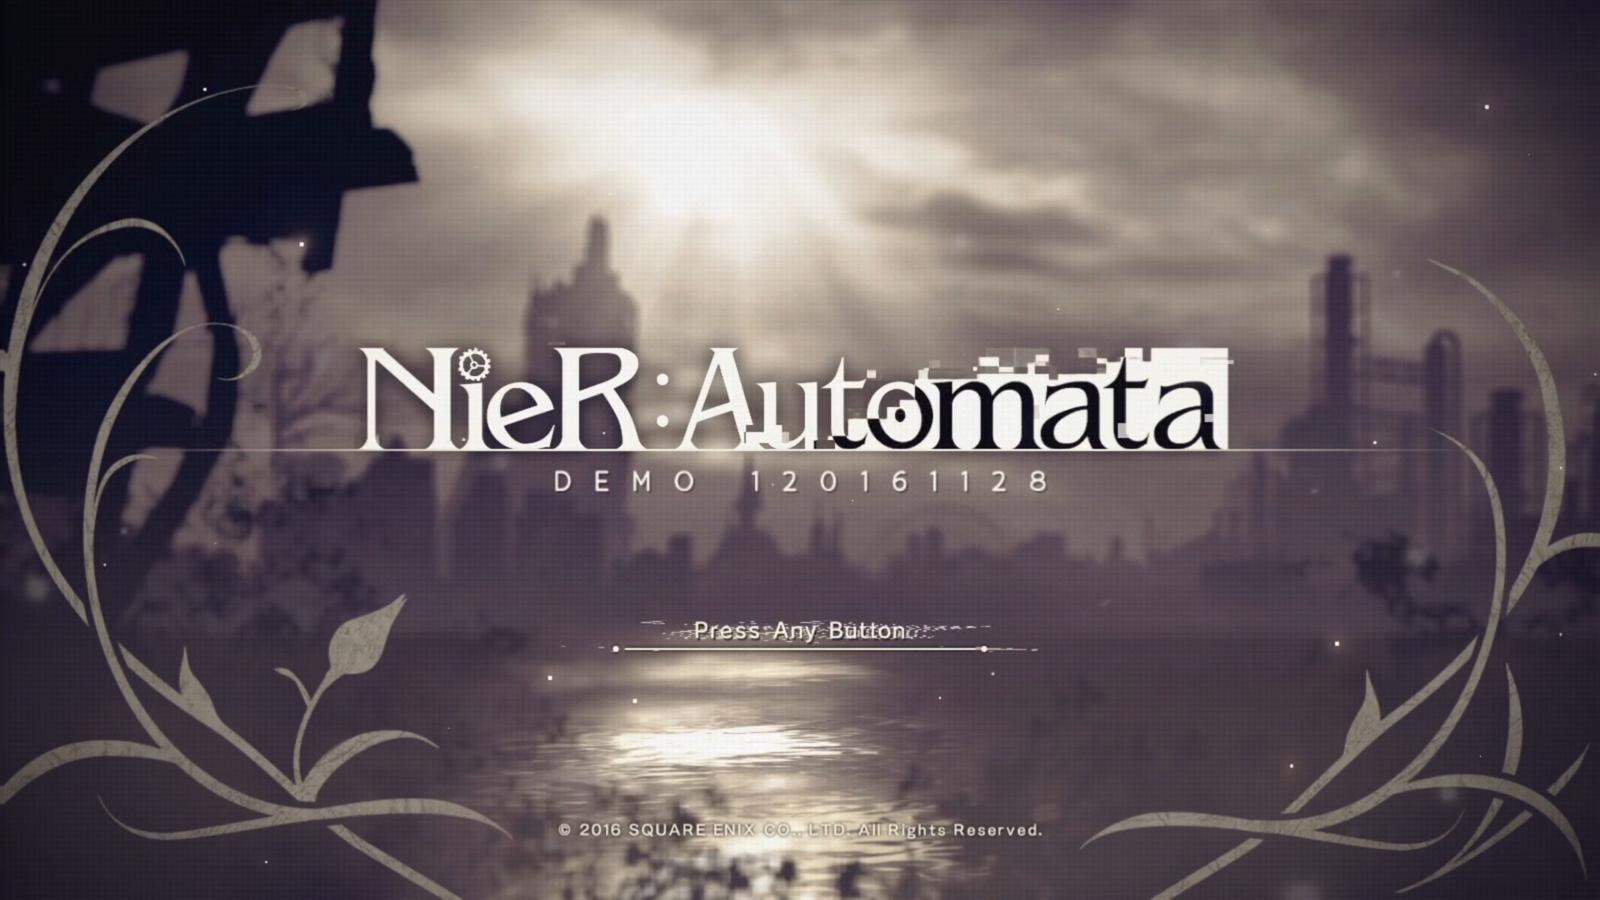 NieR: Automata DEMO 120161128